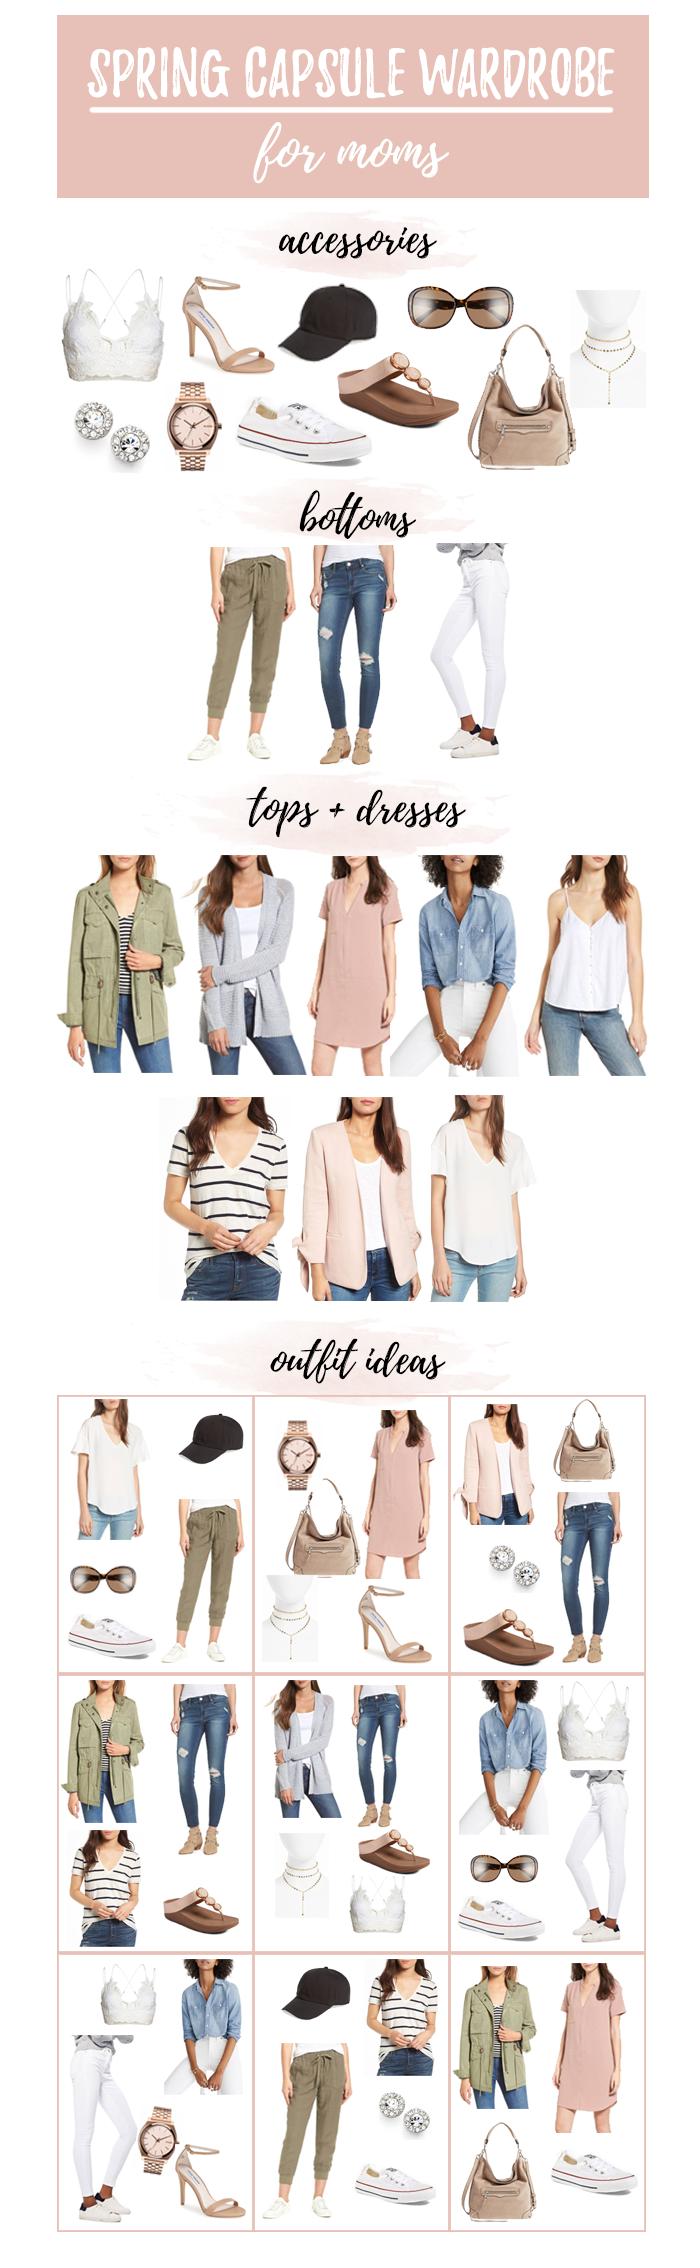 spring capsule wardrobe for moms 2018